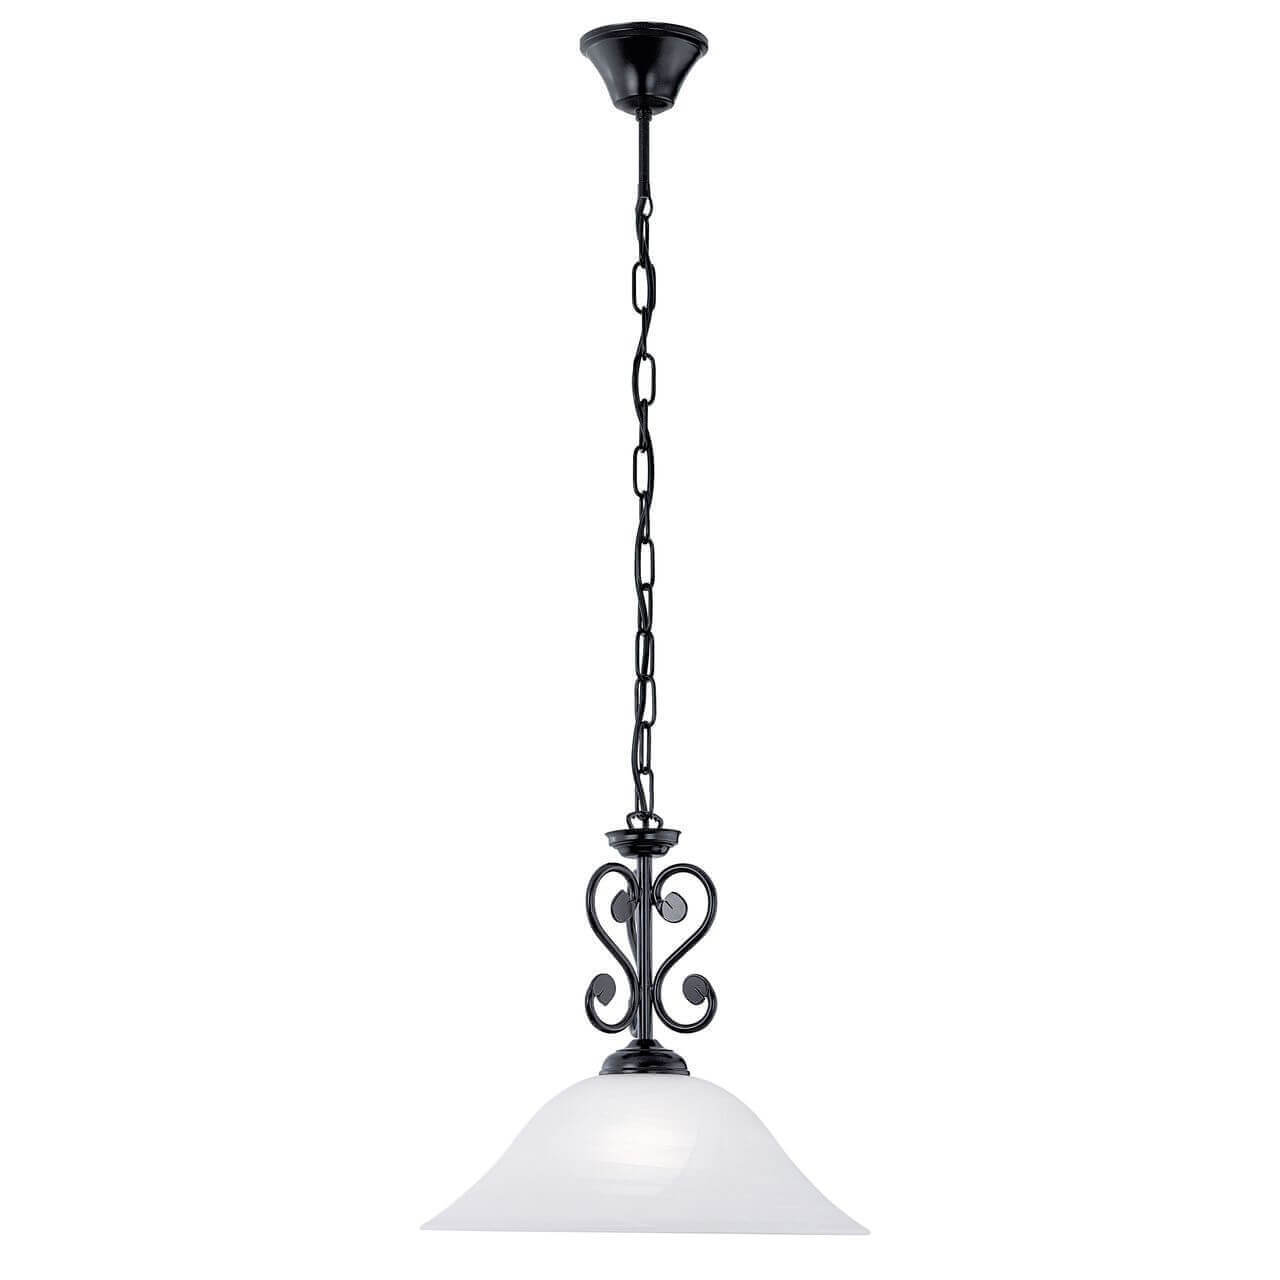 Подвесной светильник Eglo Murcia 91002 цена